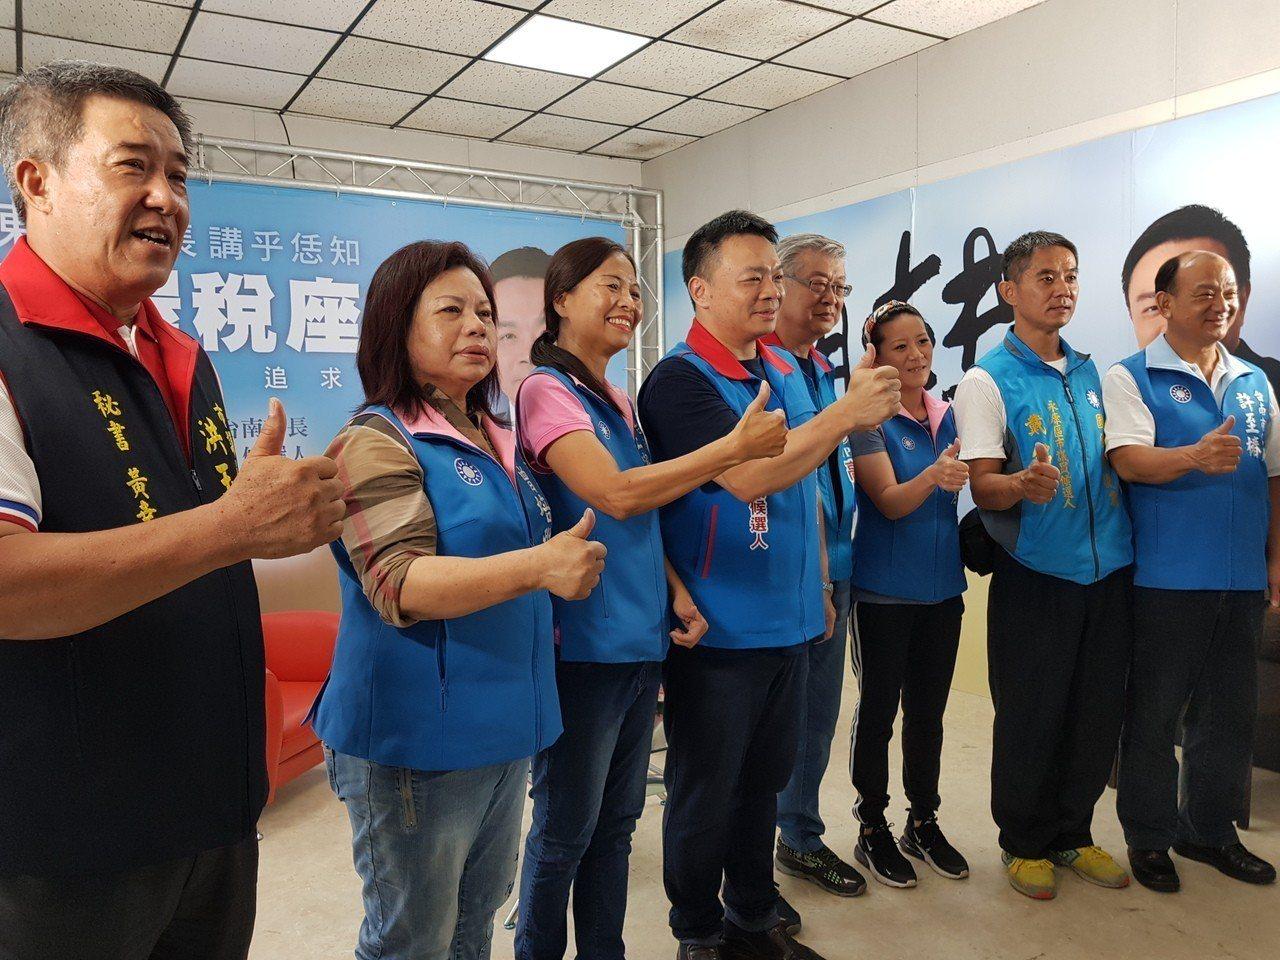 前行政院長陳冲今天南下為高思博助選 記者修瑞瑩/攝影